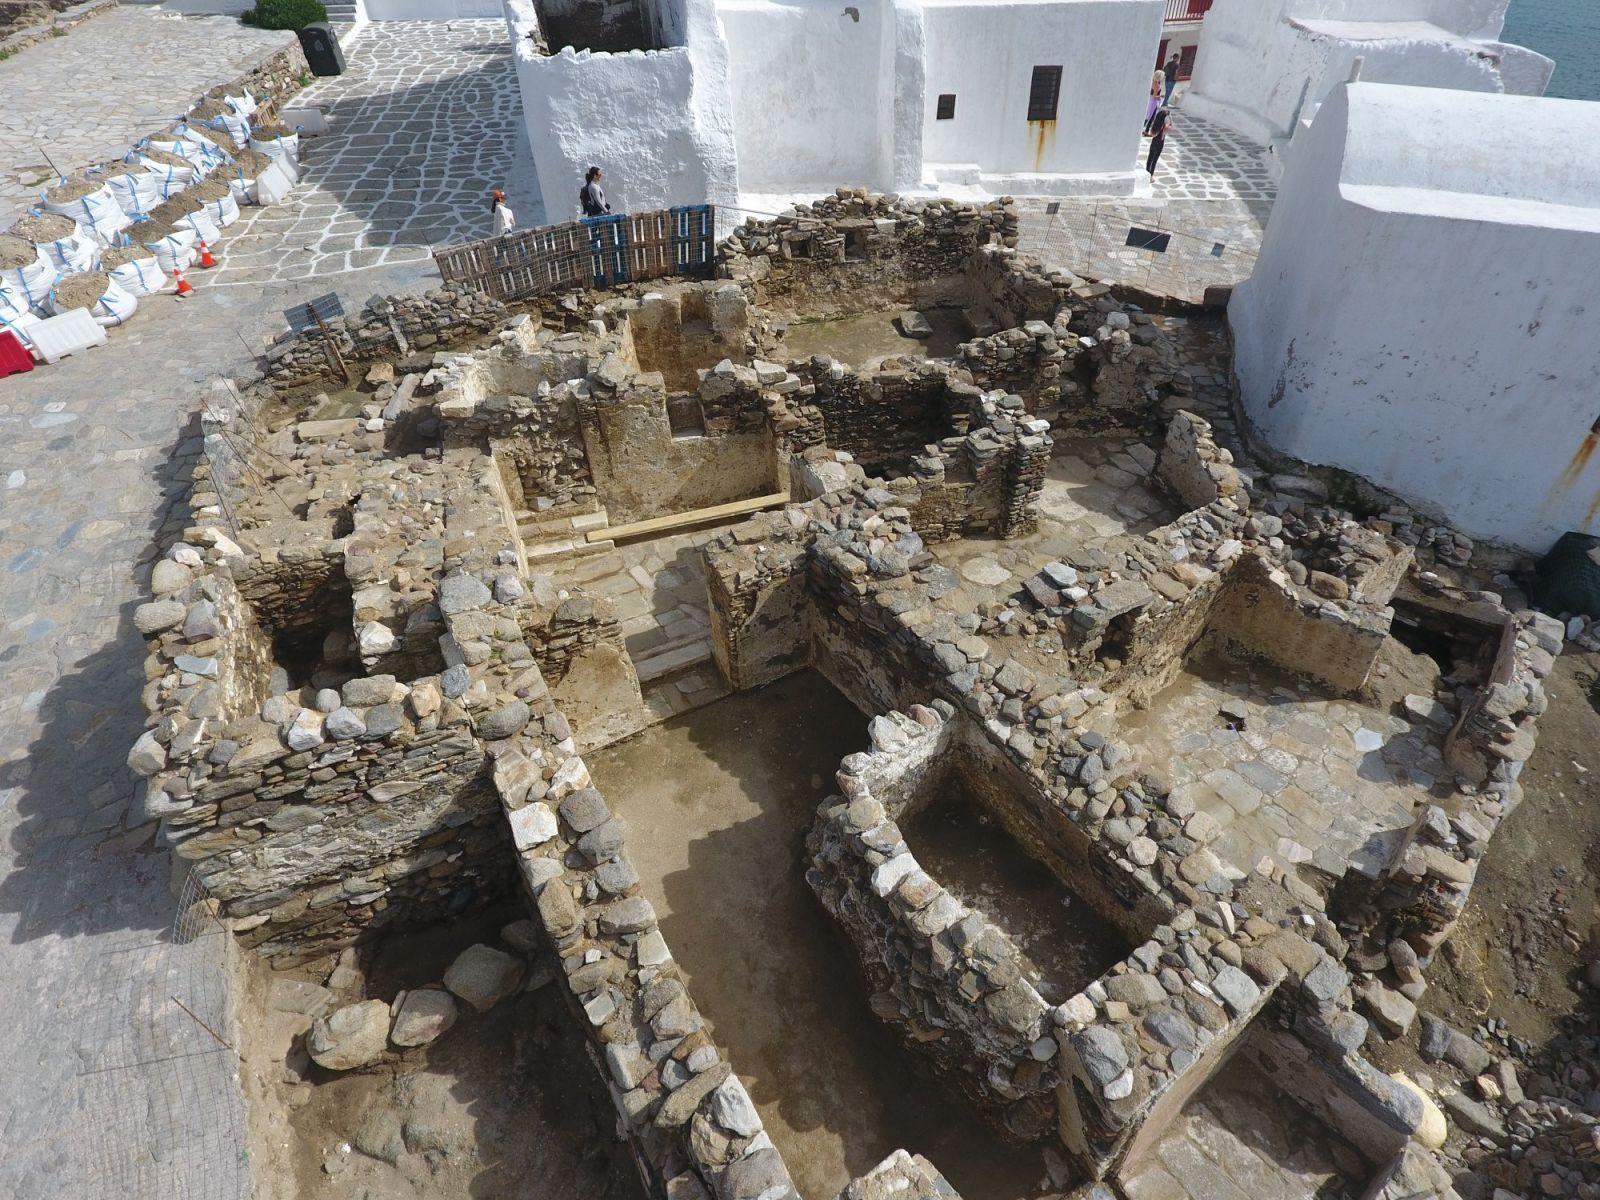 Παρουσίαση για το έργο που υλοποιείται στο κάστρο της Χώρας Μυκόνου